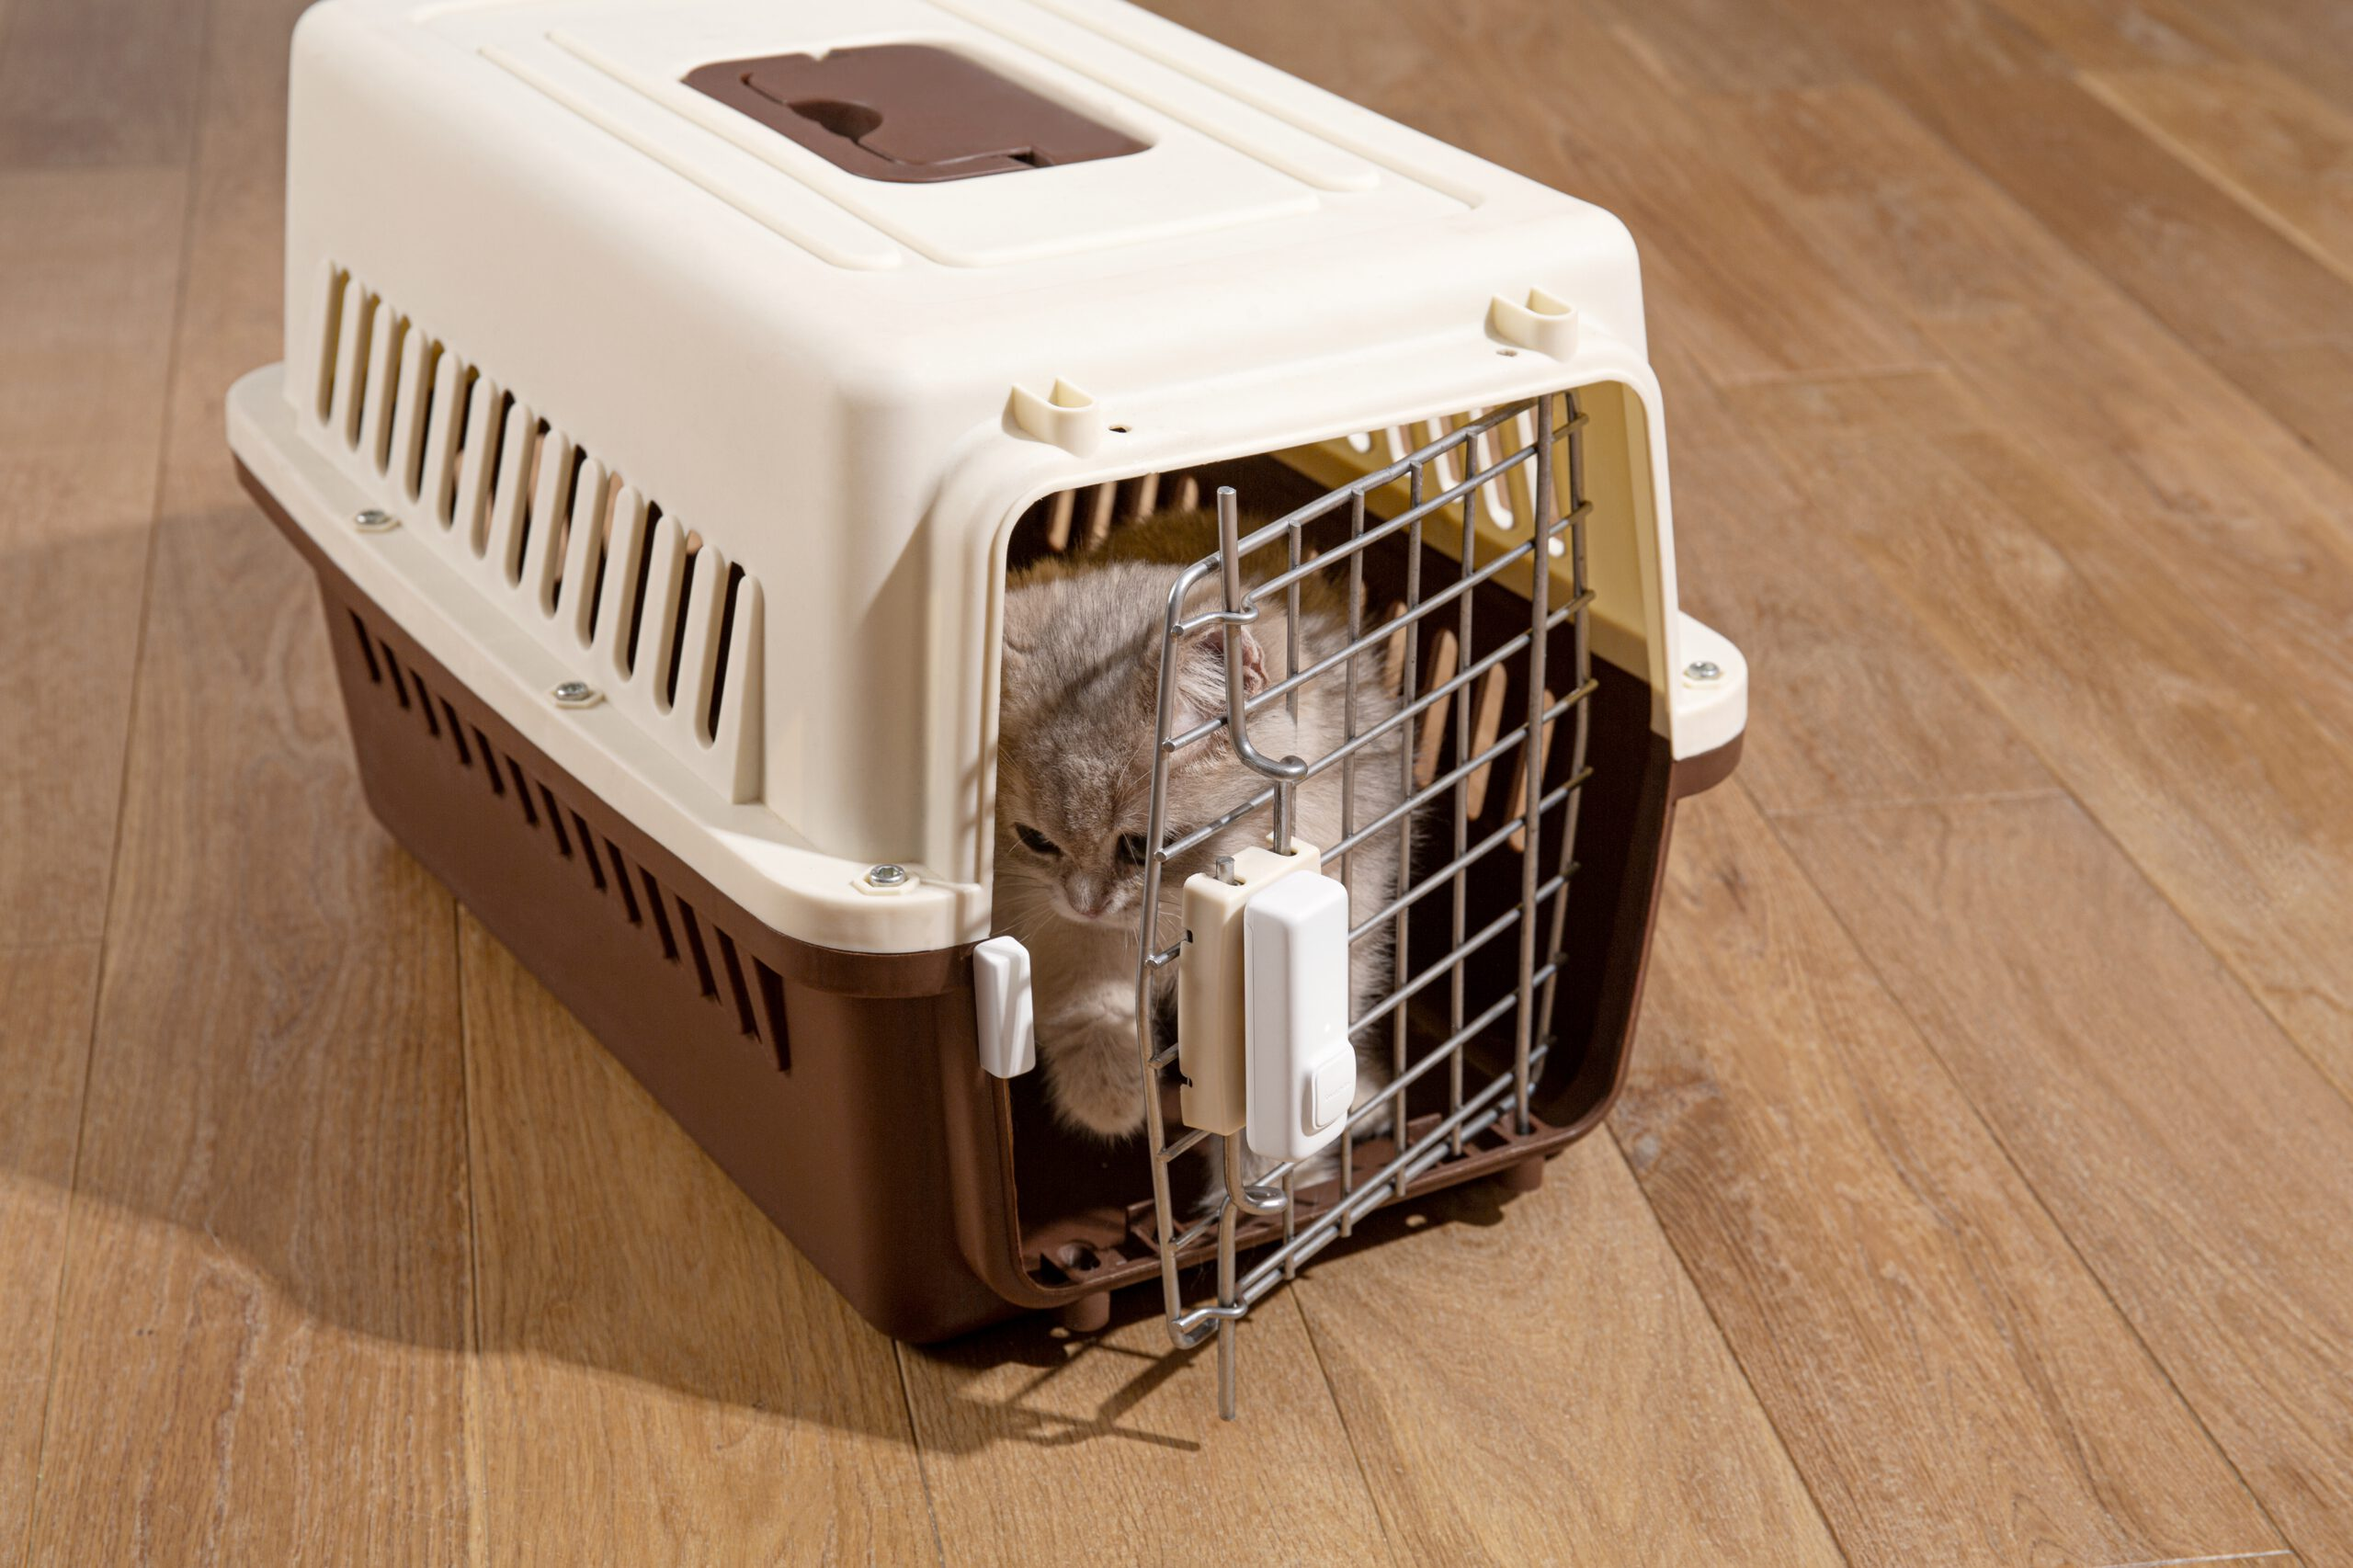 Nutzung eines Kontakt Sensors zur Überwachung von Tieren